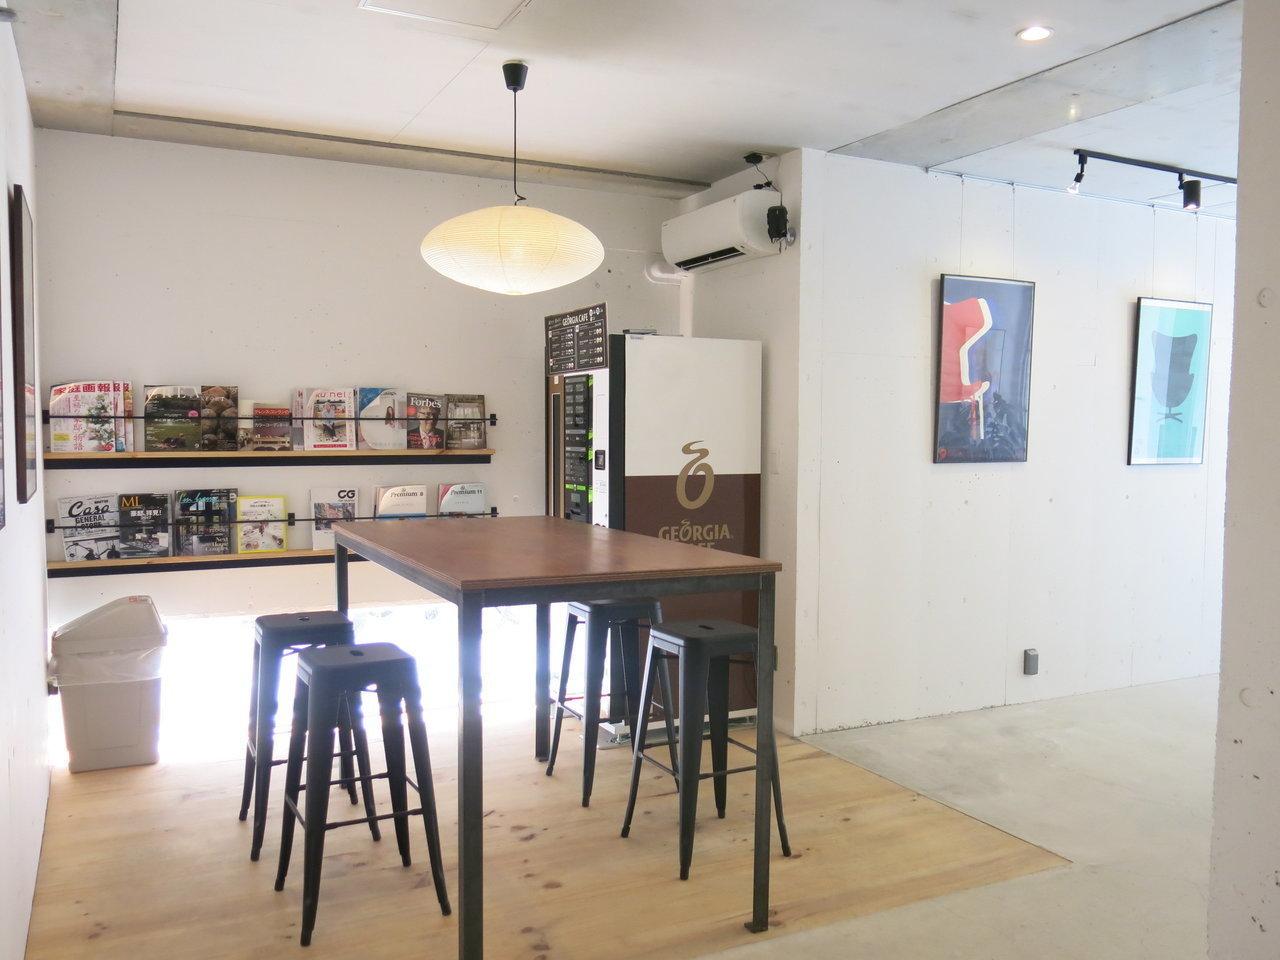 駅から徒歩3分。ガラス張りのエントランスを入ると、まるでカフェのような共有スペースが。壁に飾られたポスターから、そのおしゃれさ、伝わってきますか?